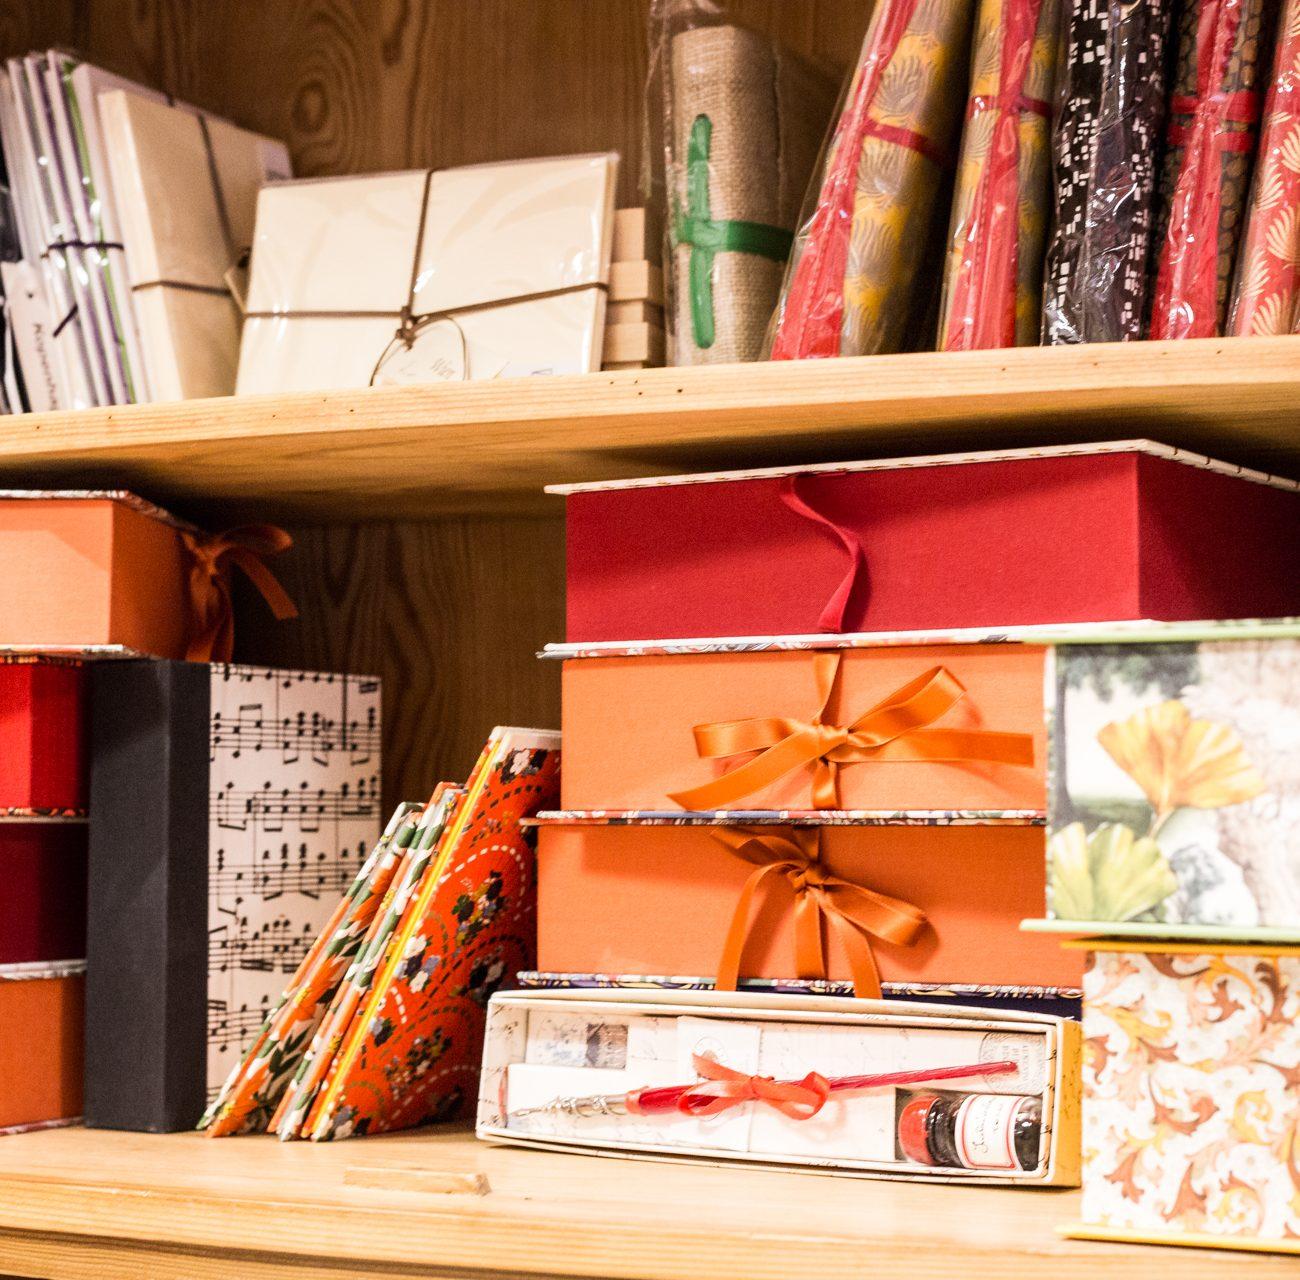 Papeterie | Parkbuchhandlung | Buchkunst | Schatullen | Kartonagen | Notizbücher | Briefpapier | Feder | Tinte